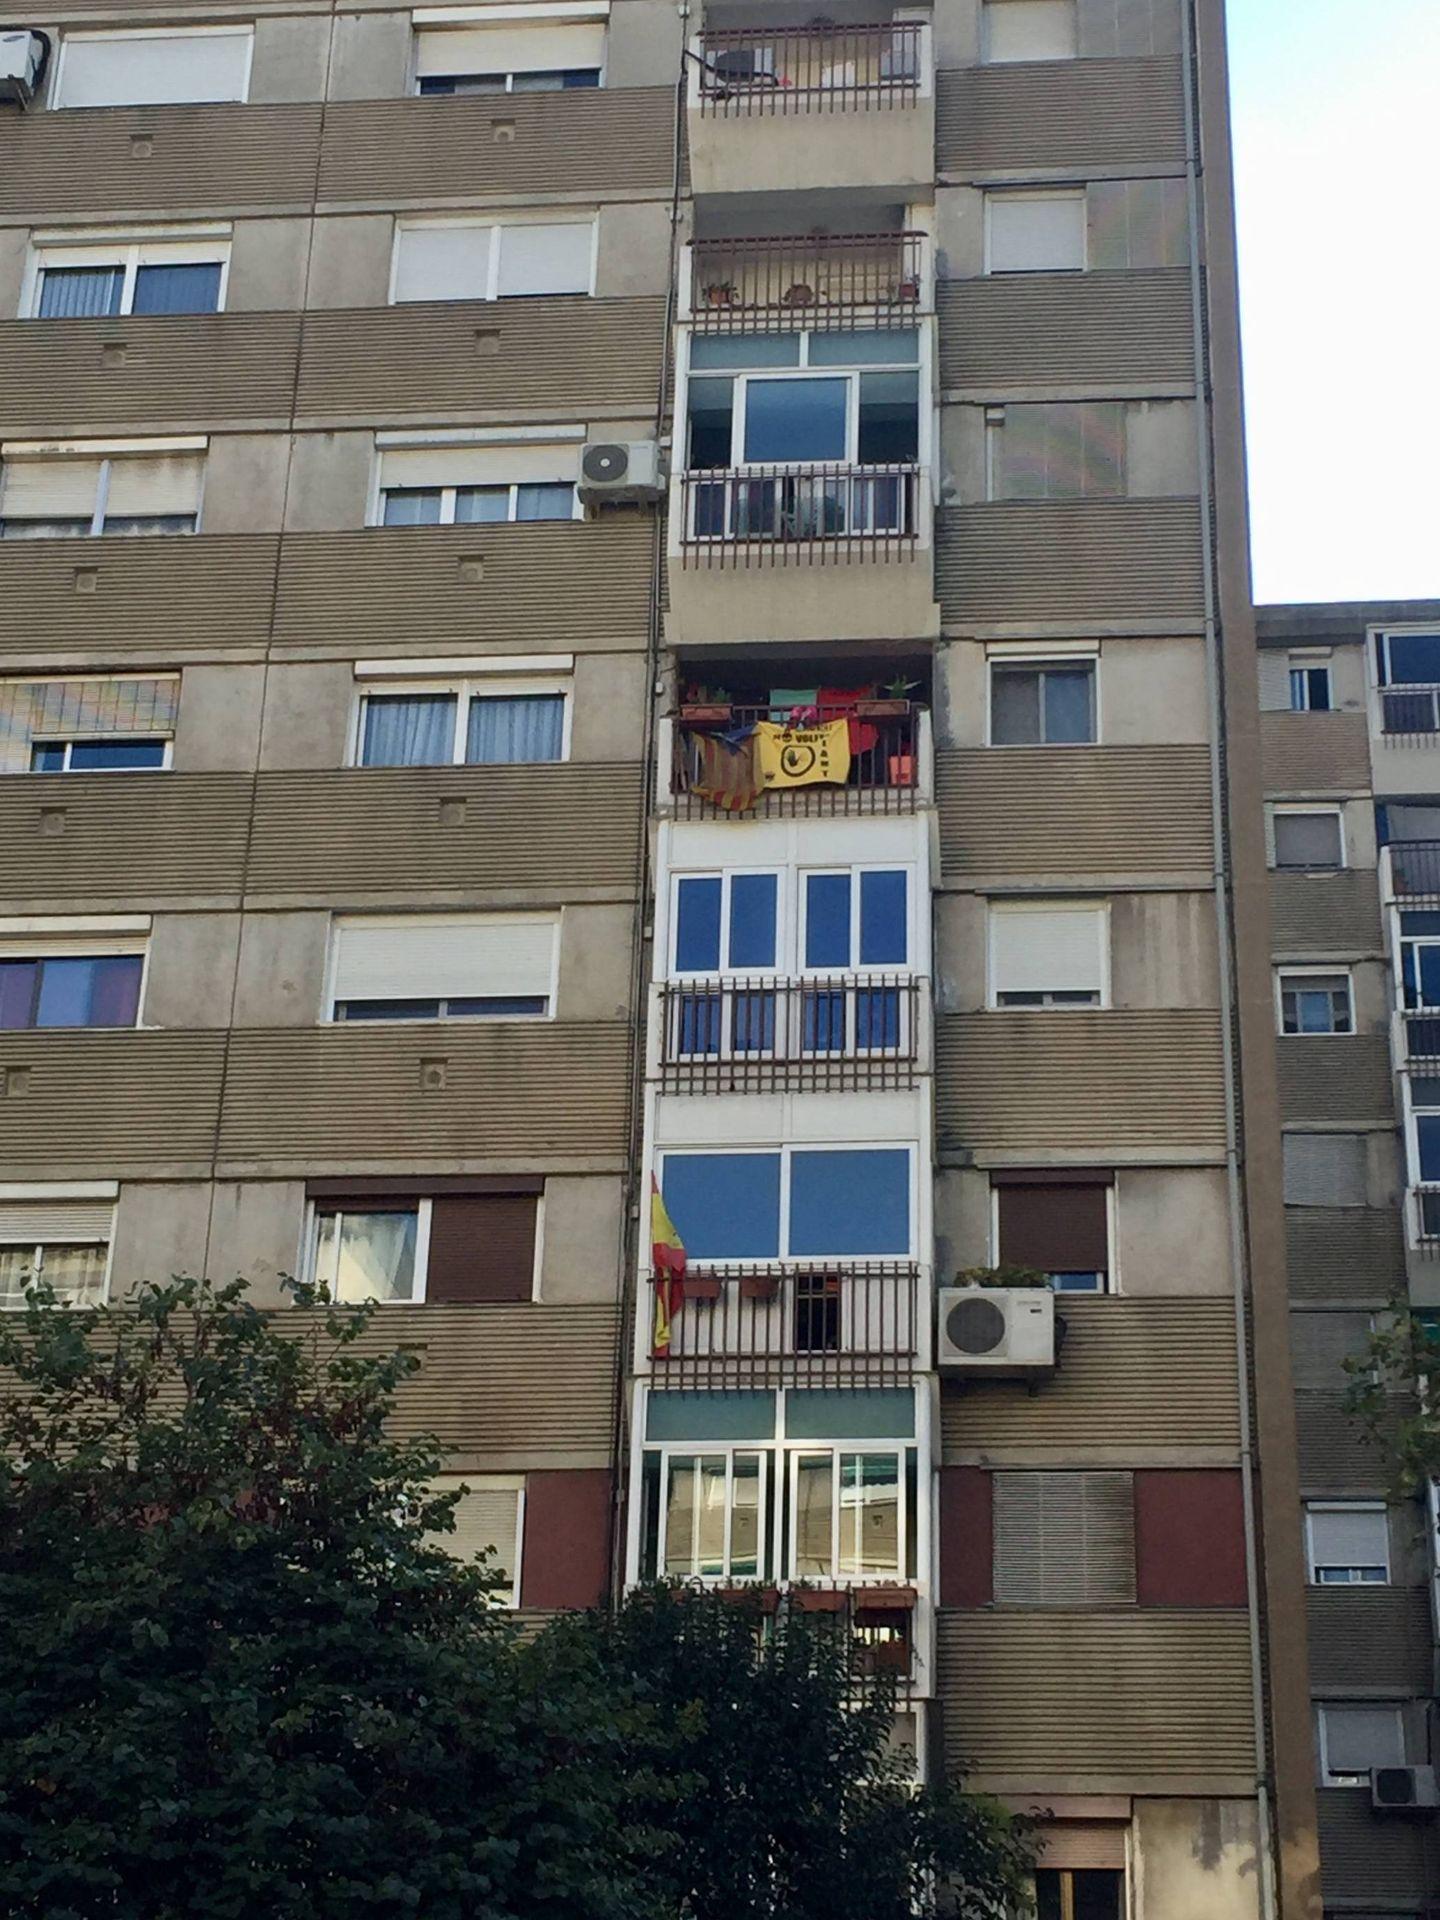 Una estelada y una bandera de España colgadas de los balcones de un bloque de viviendas en la avenida de Burgos de Badia, este 29 de septiembre. (J. R.)